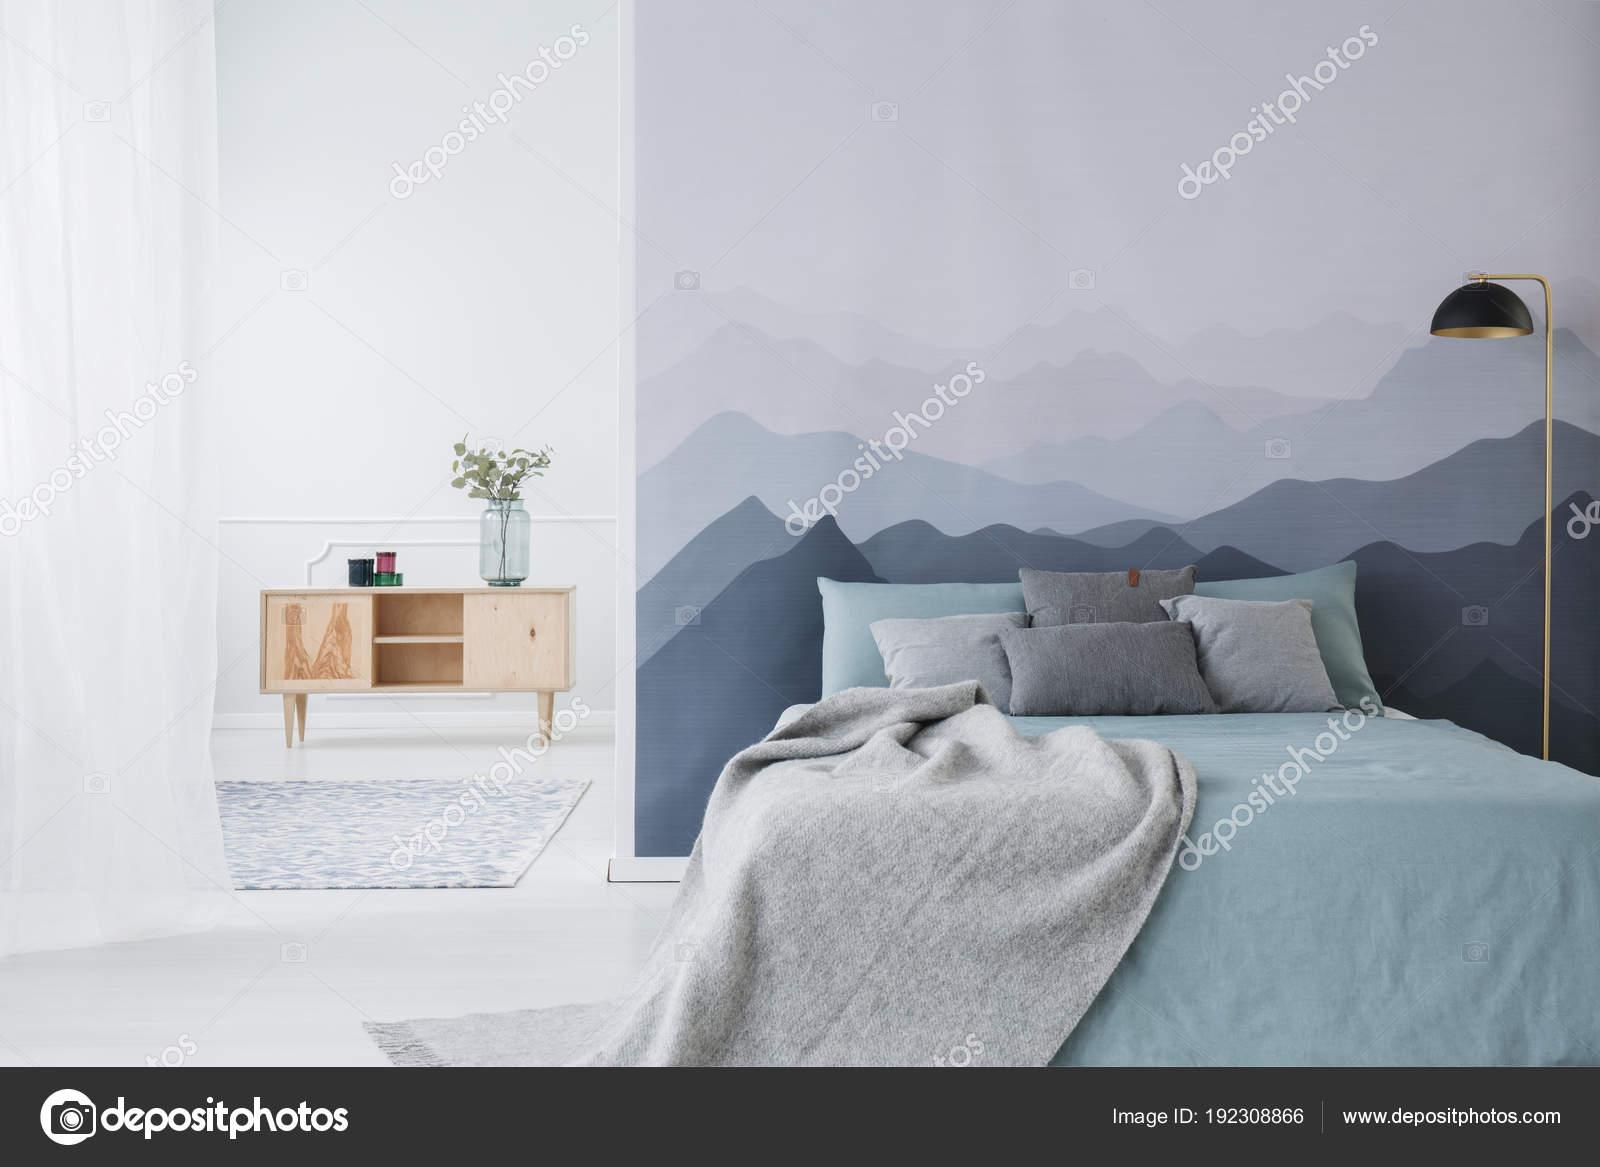 Camera Da Letto Blu : Interno camera da letto blu e grigio u2014 foto stock © photographee.eu